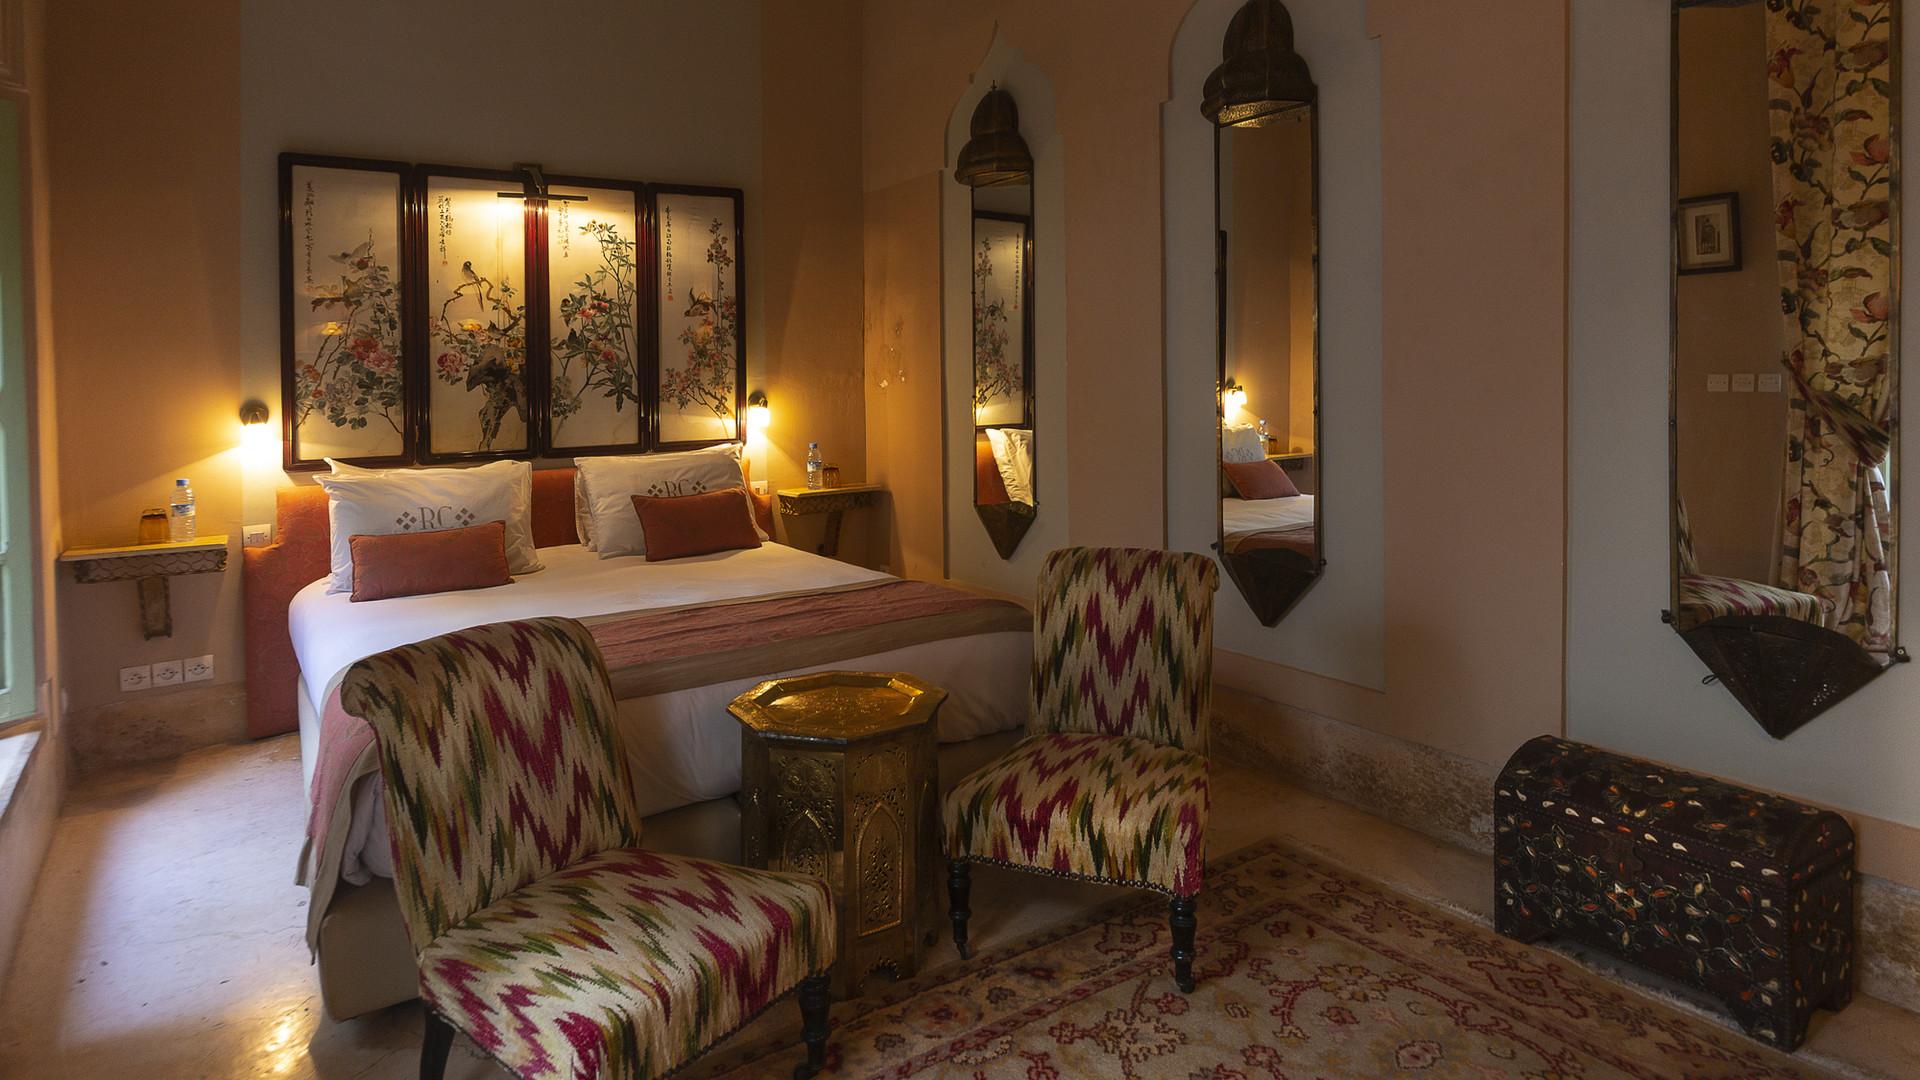 Chambre du Riad Hotel Camilia - Marrakech